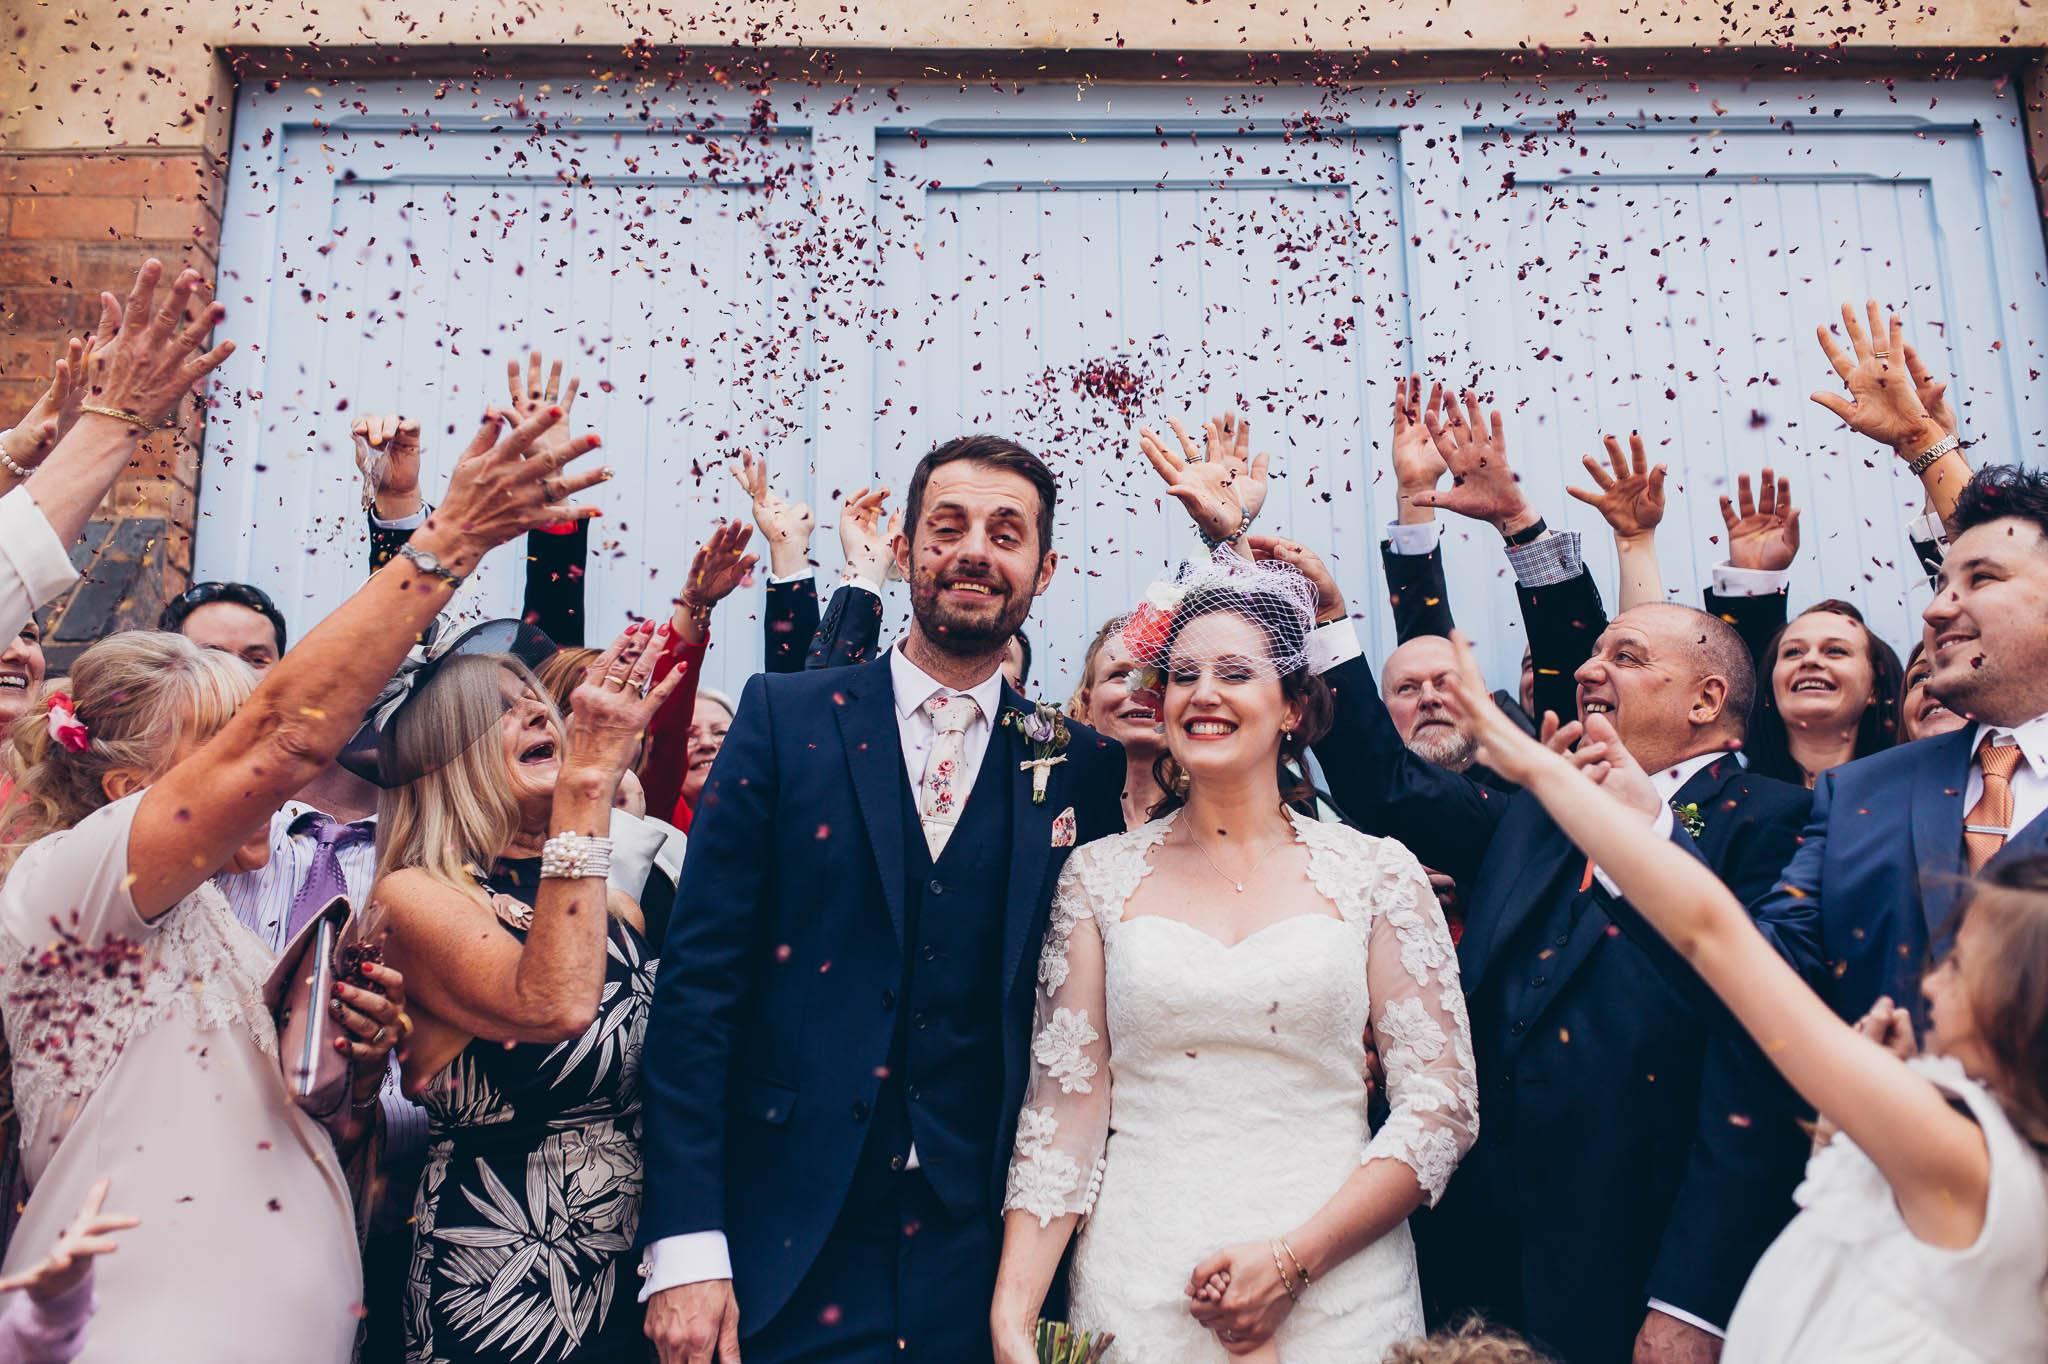 birmingham-wedding-photographer 14.jpg